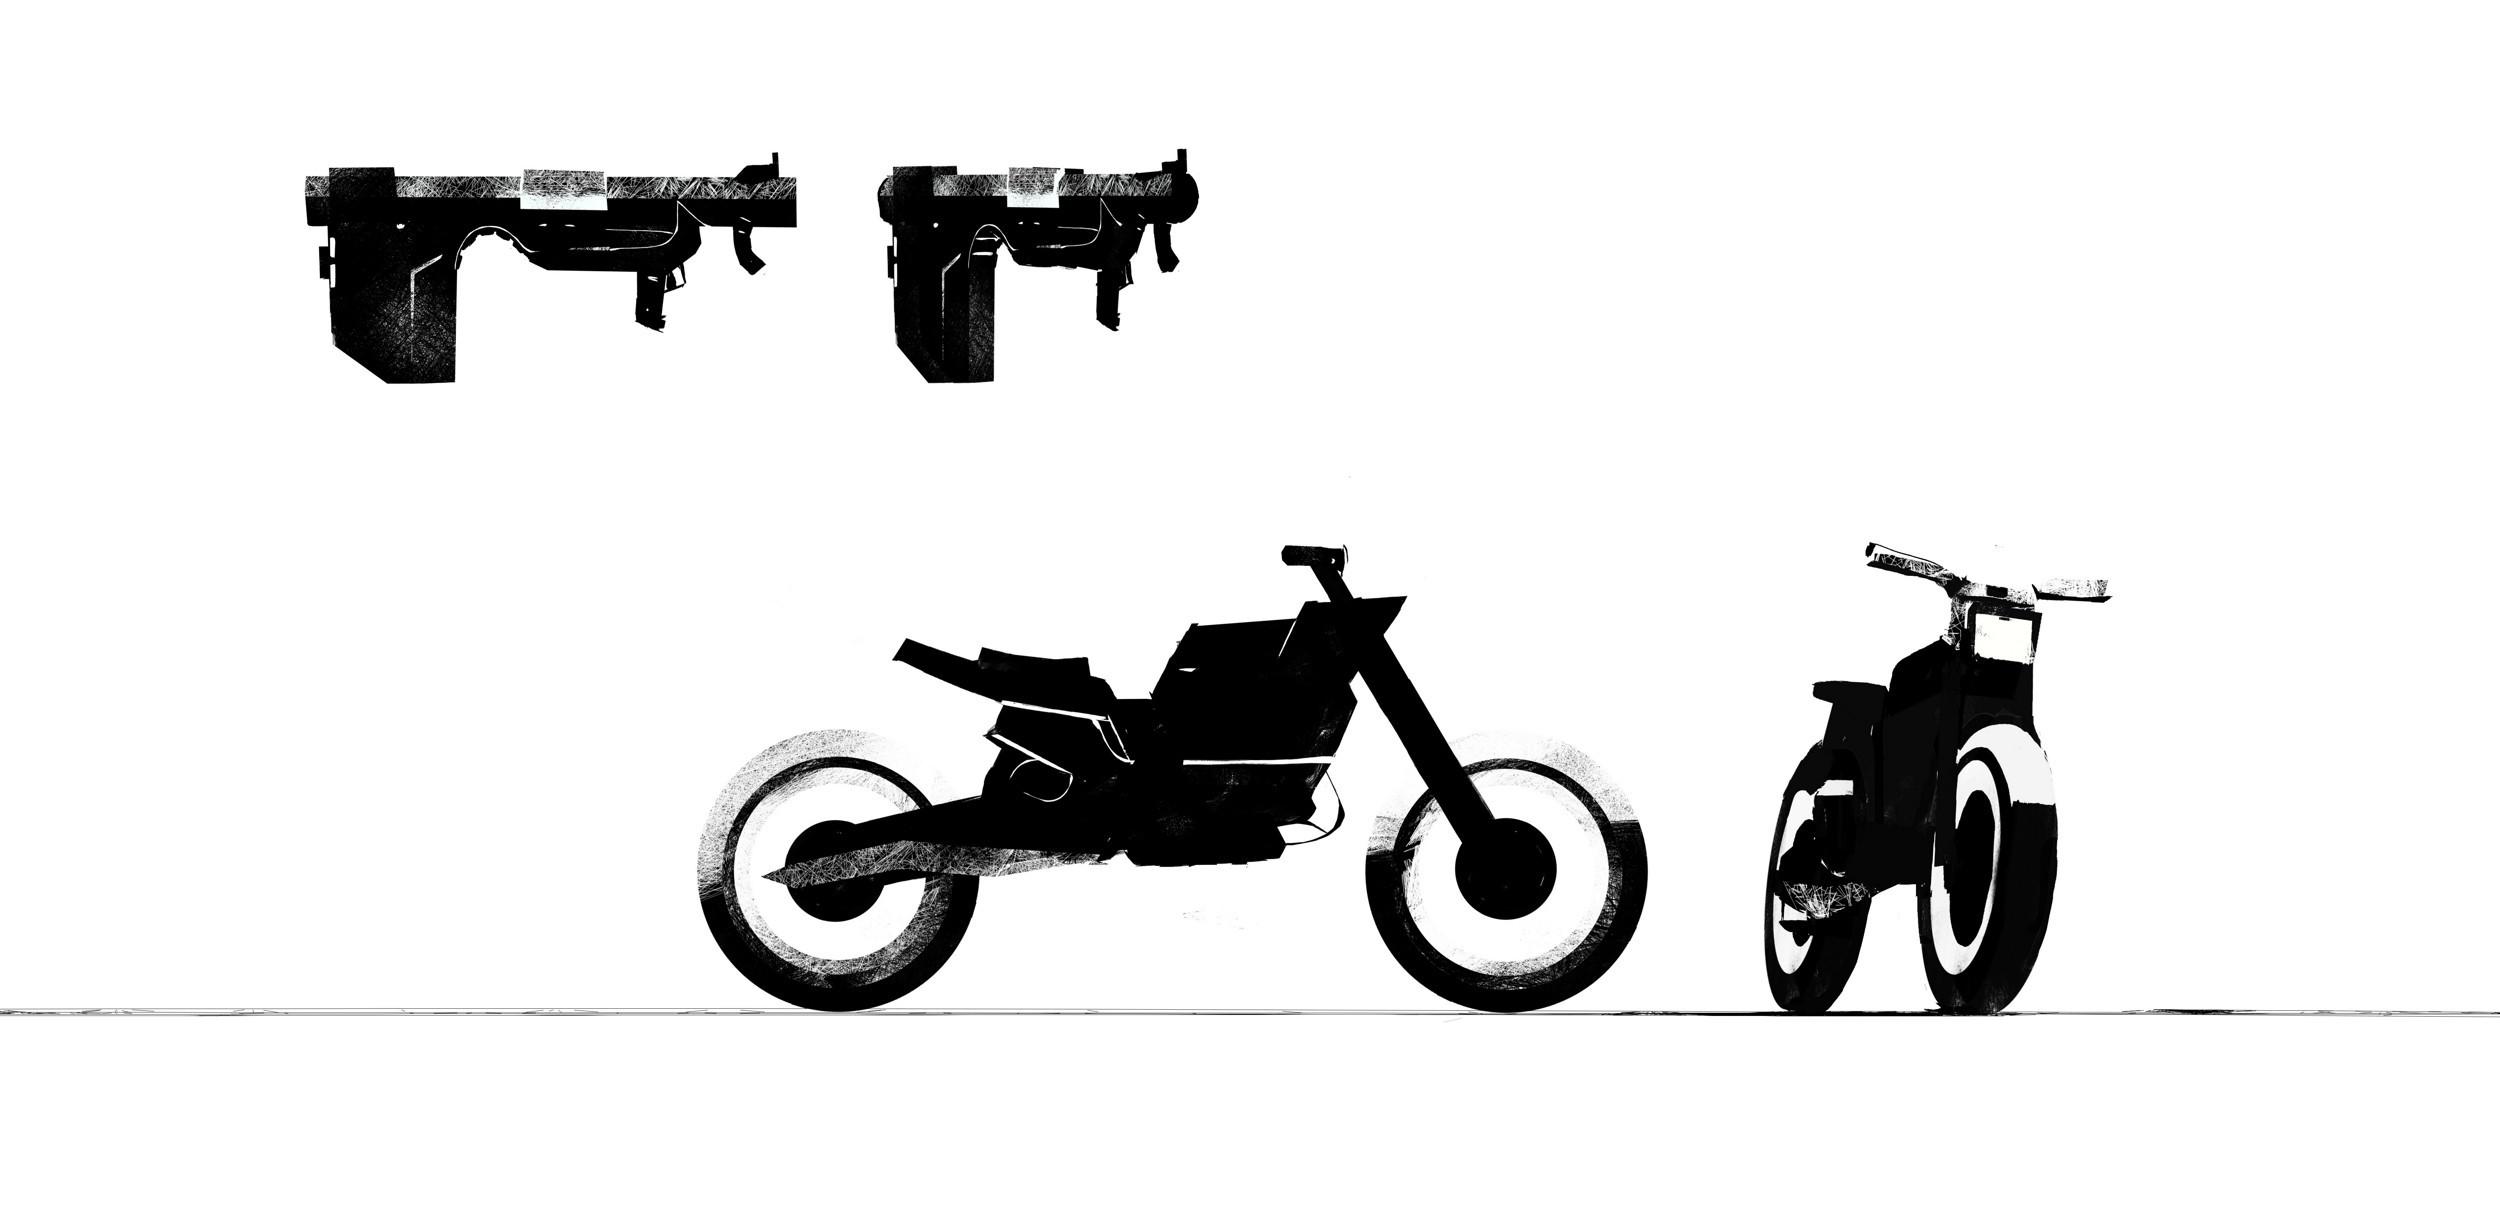 Moto and Bazooka